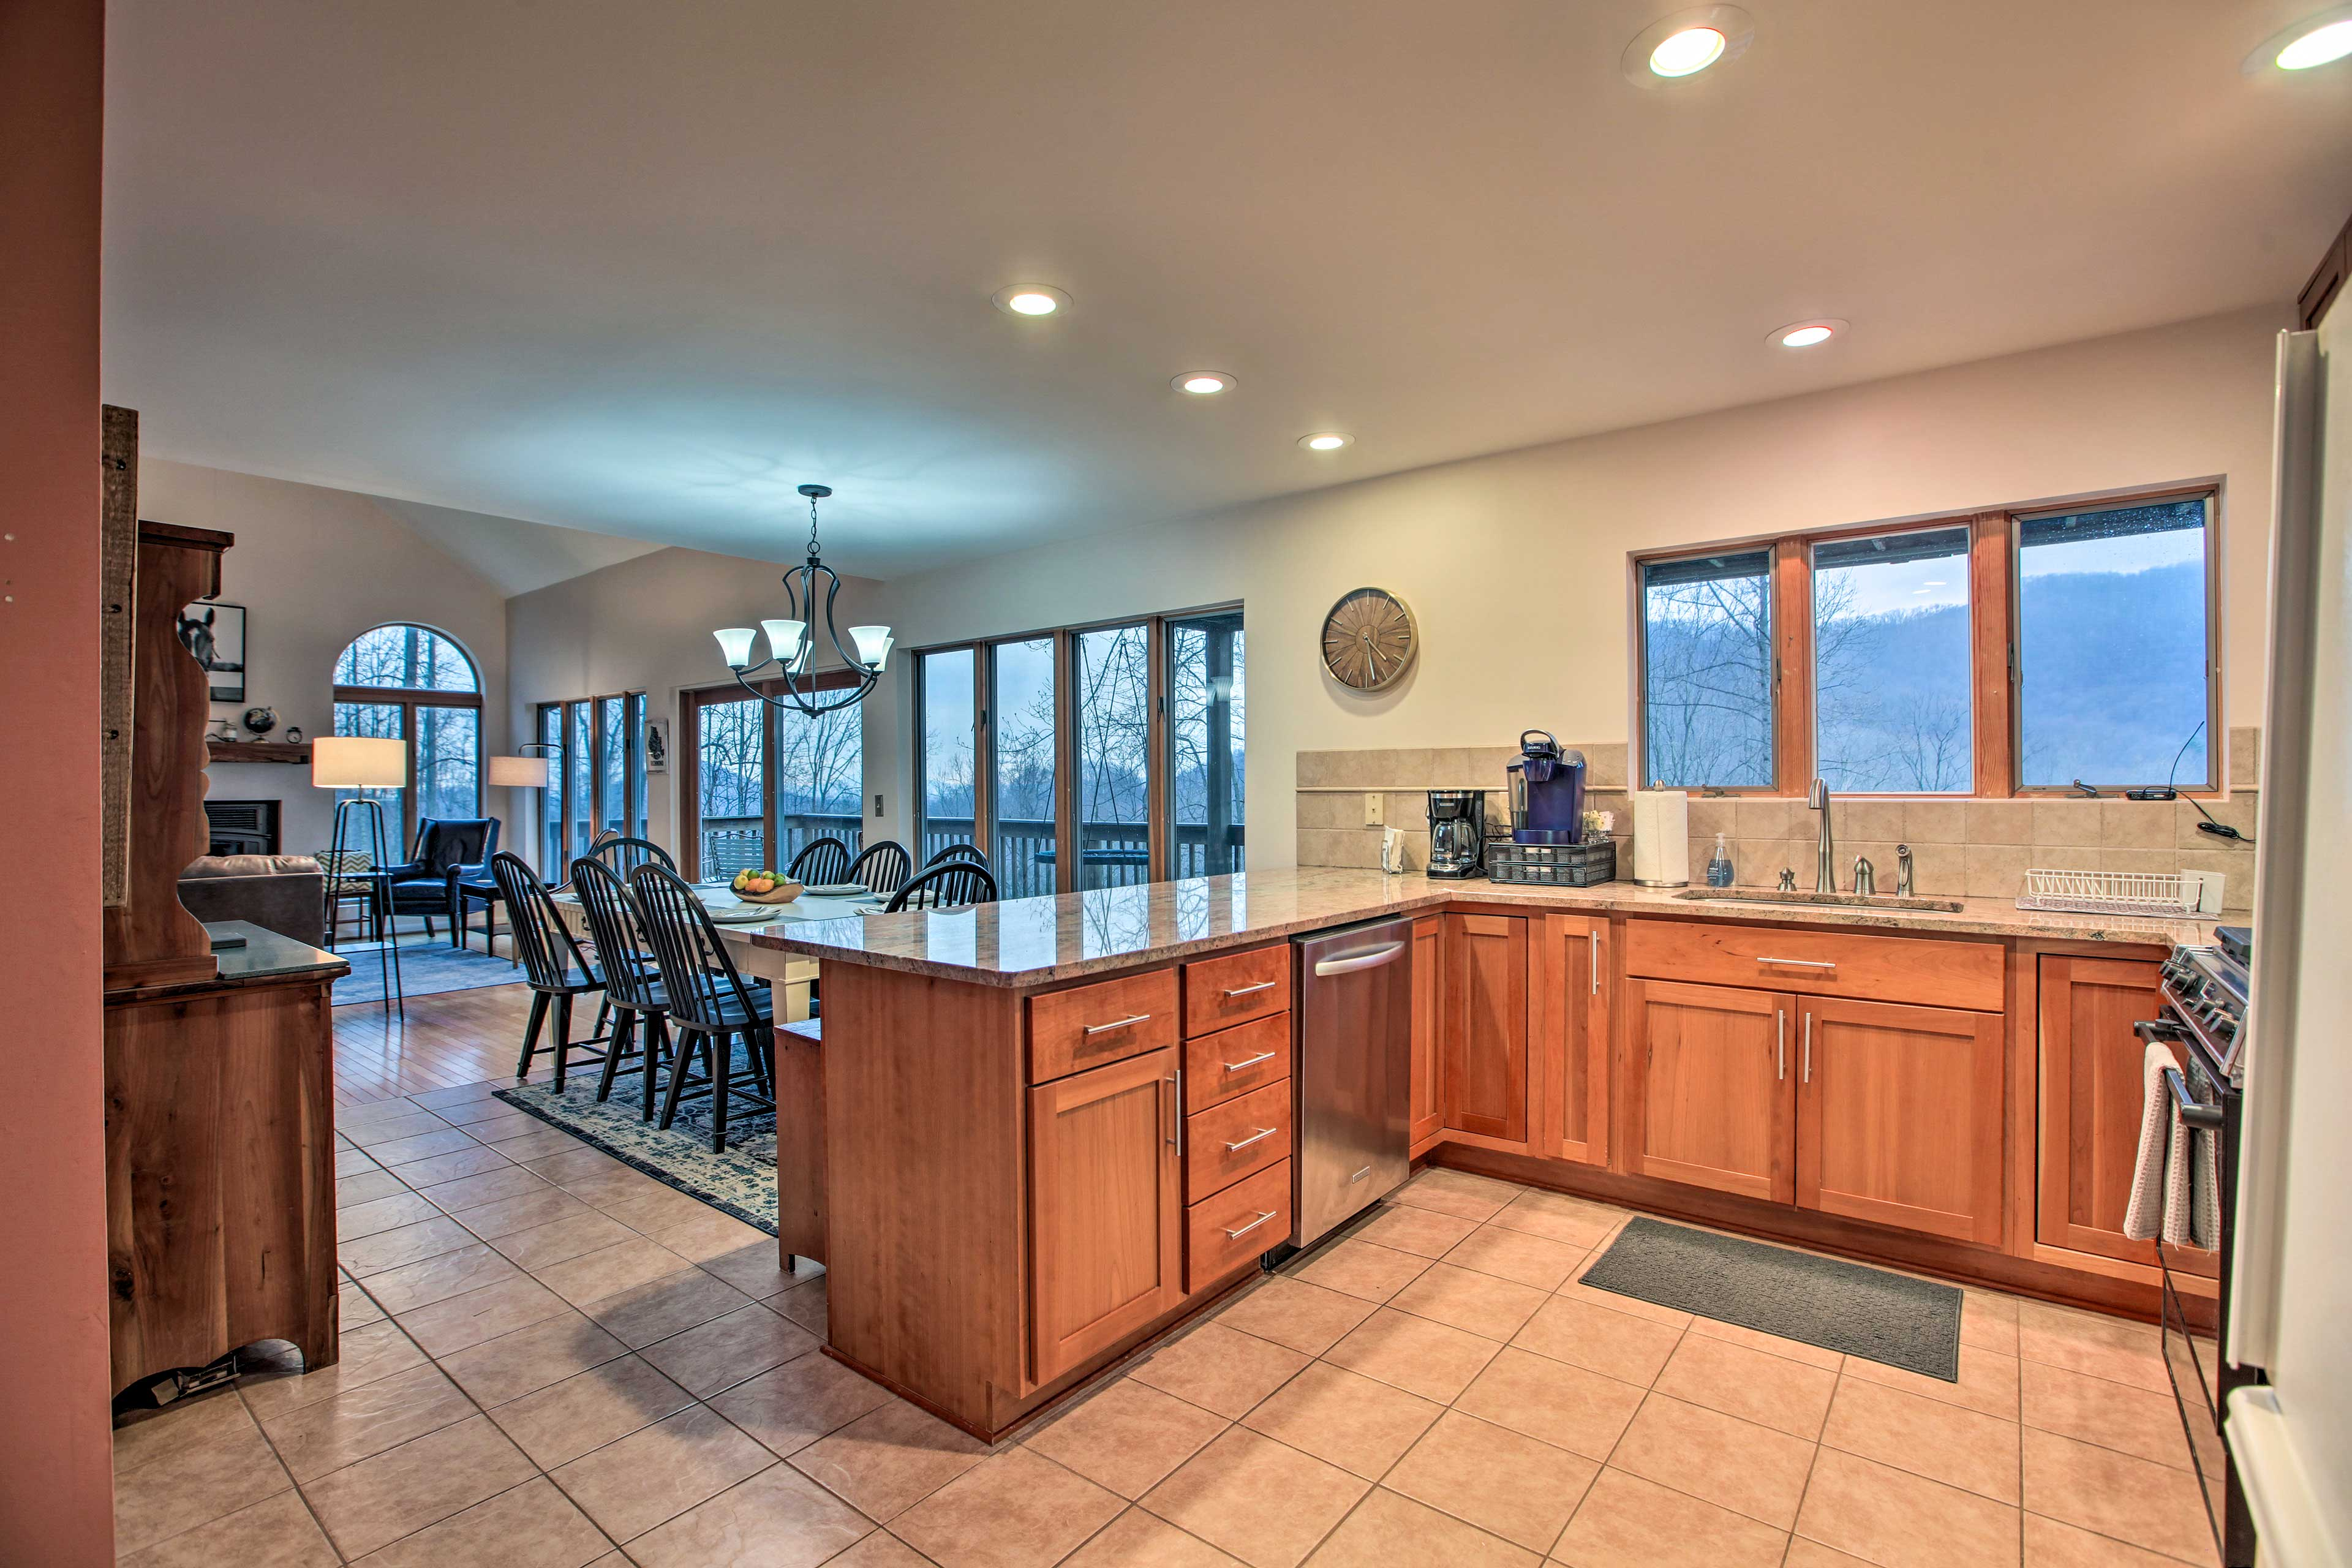 Take in Blue Ridge Mountain views while preparing dinner!